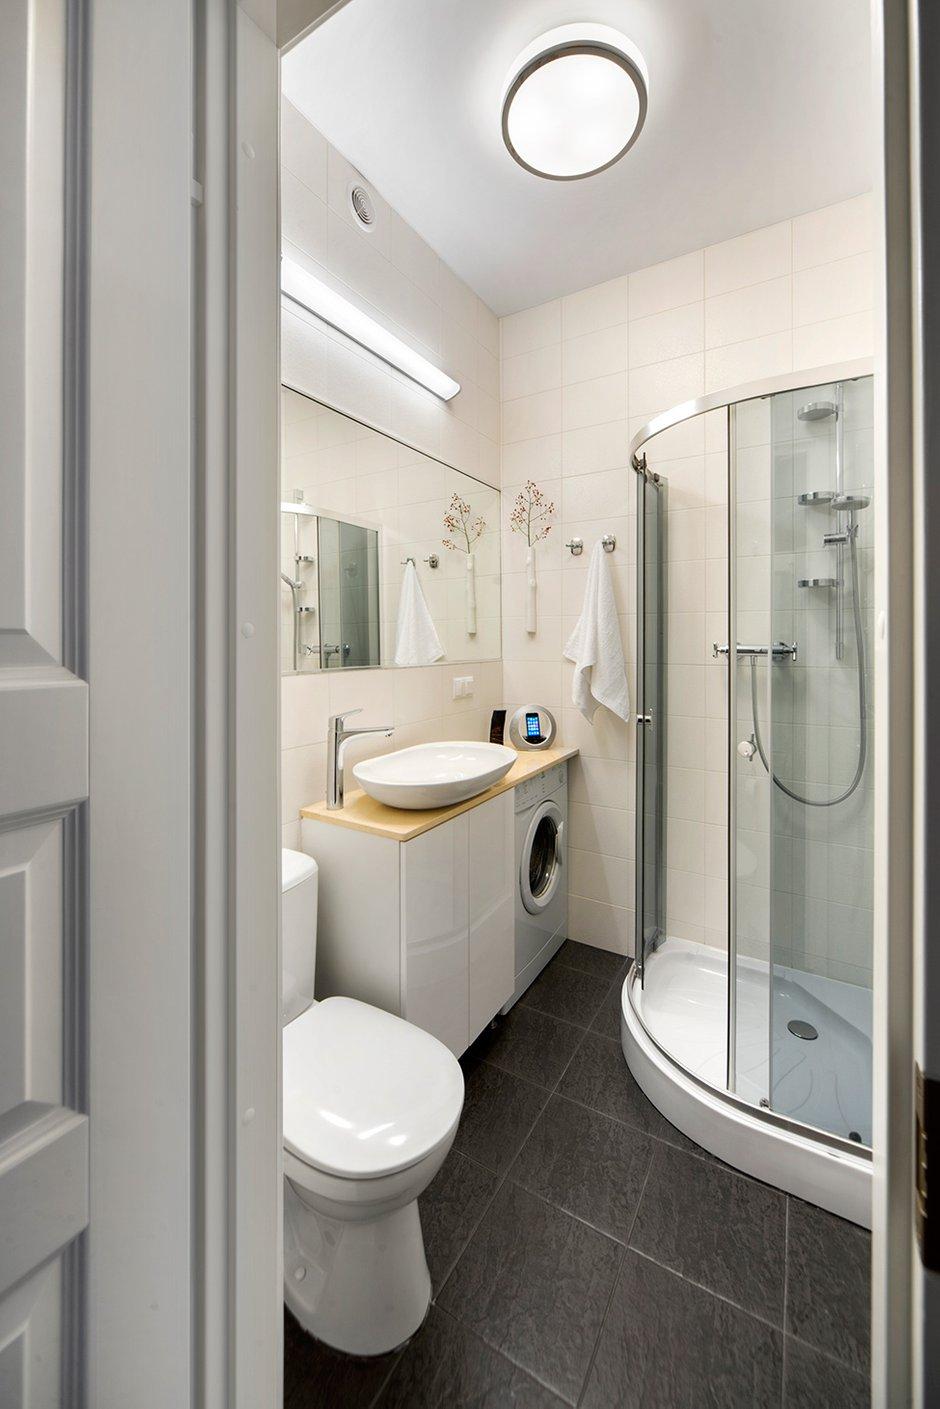 Фотография: Ванная в стиле Современный, Малогабаритная квартира, Квартира, Дома и квартиры, IKEA, Проект недели, Хрущевка – фото на INMYROOM